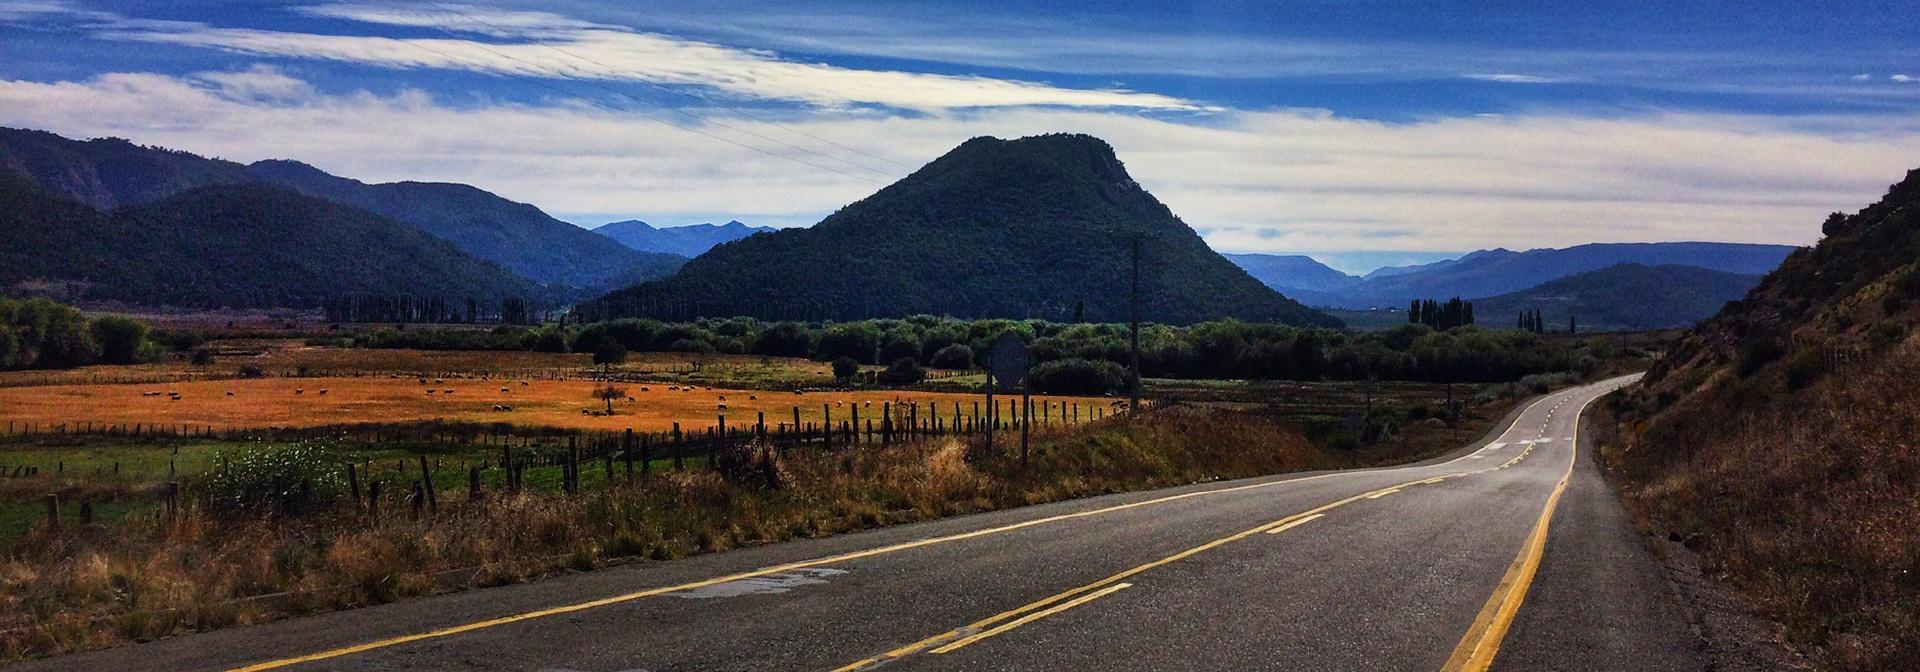 Chile: Lake & Volcano District